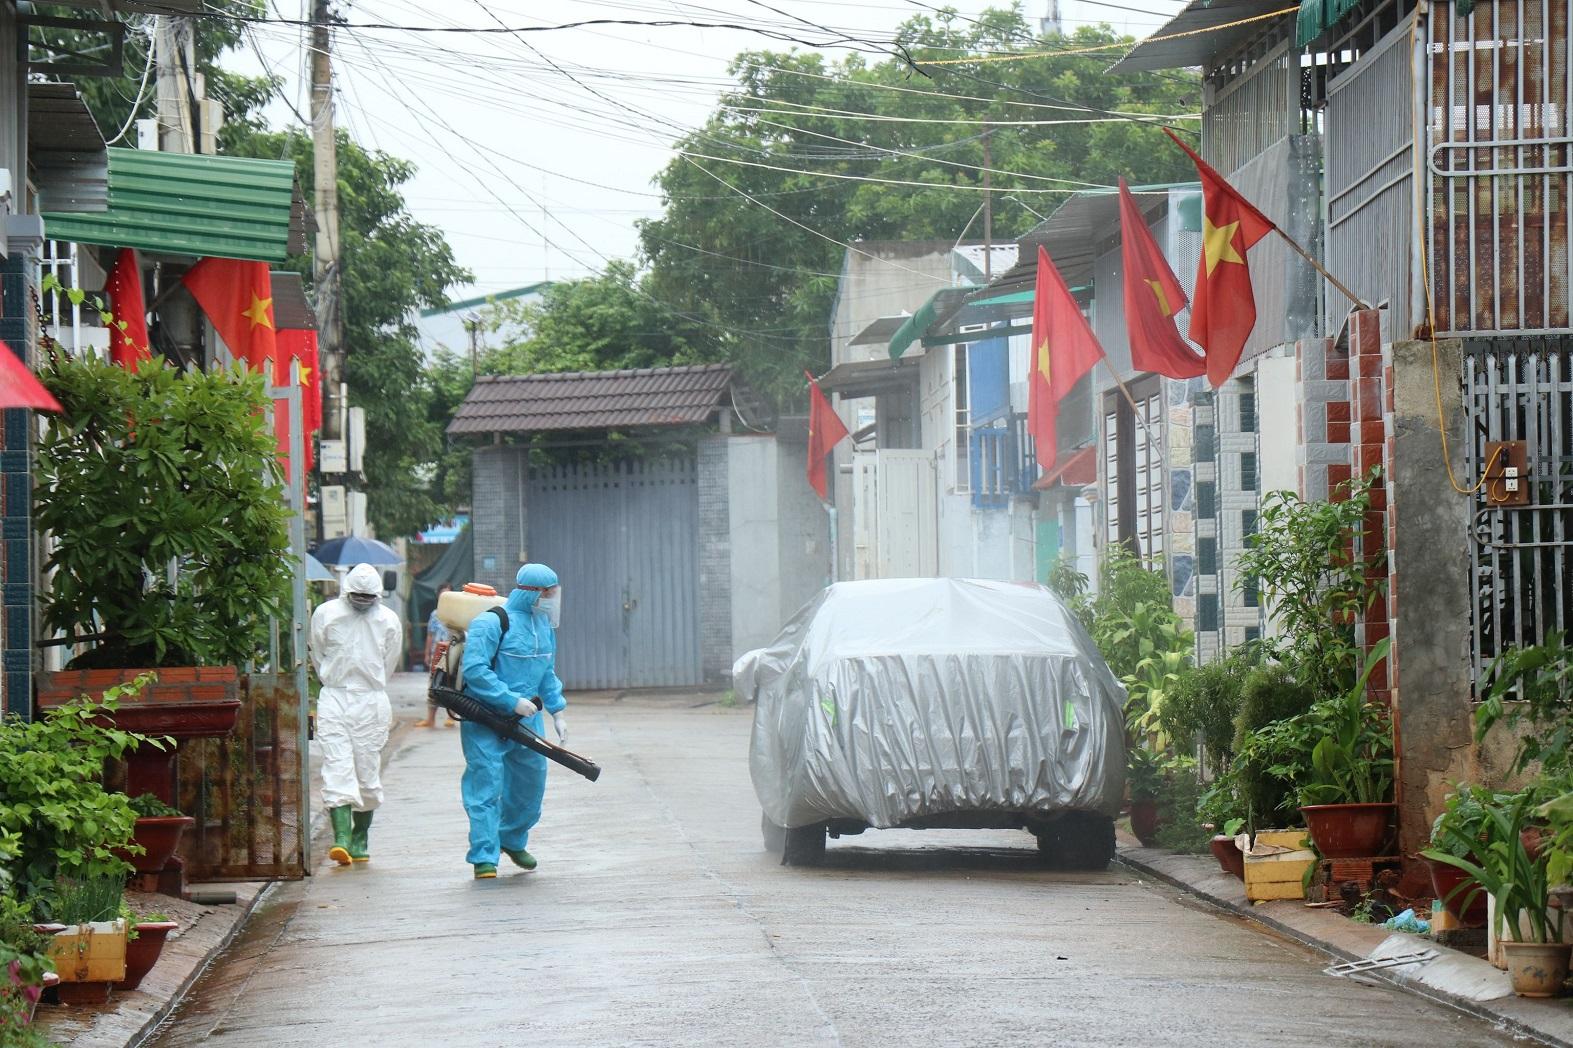 Ngành chức năng tỉnh Đắk Lắk đang nỗ lực kiểm soát, ngăn chặn dịch COVID-19